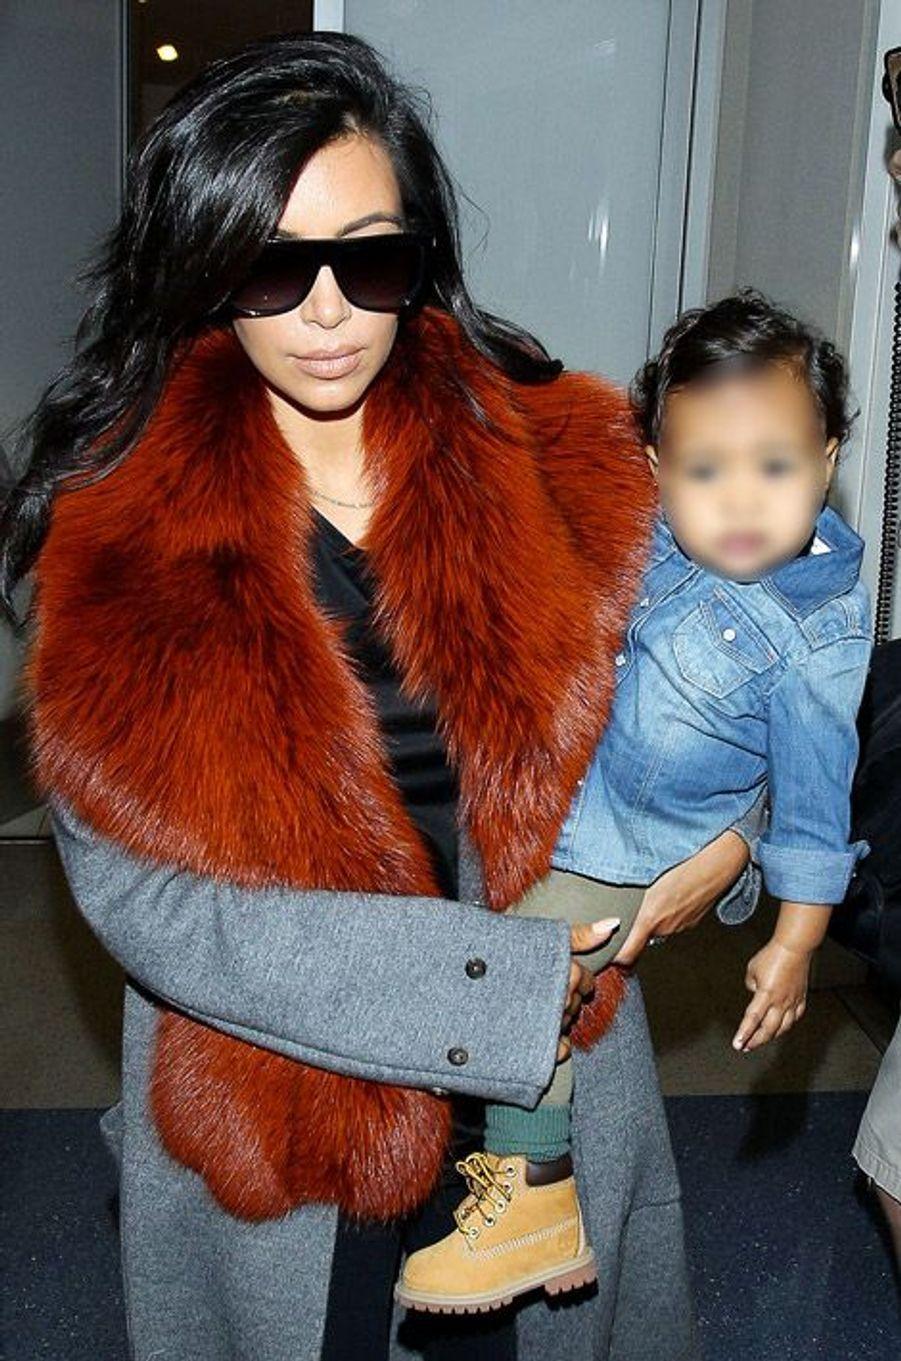 La star de la téléréalité américaine, Kim Kardashian, avec sa fille North, à Los Angeles, le 22 septembre 2014